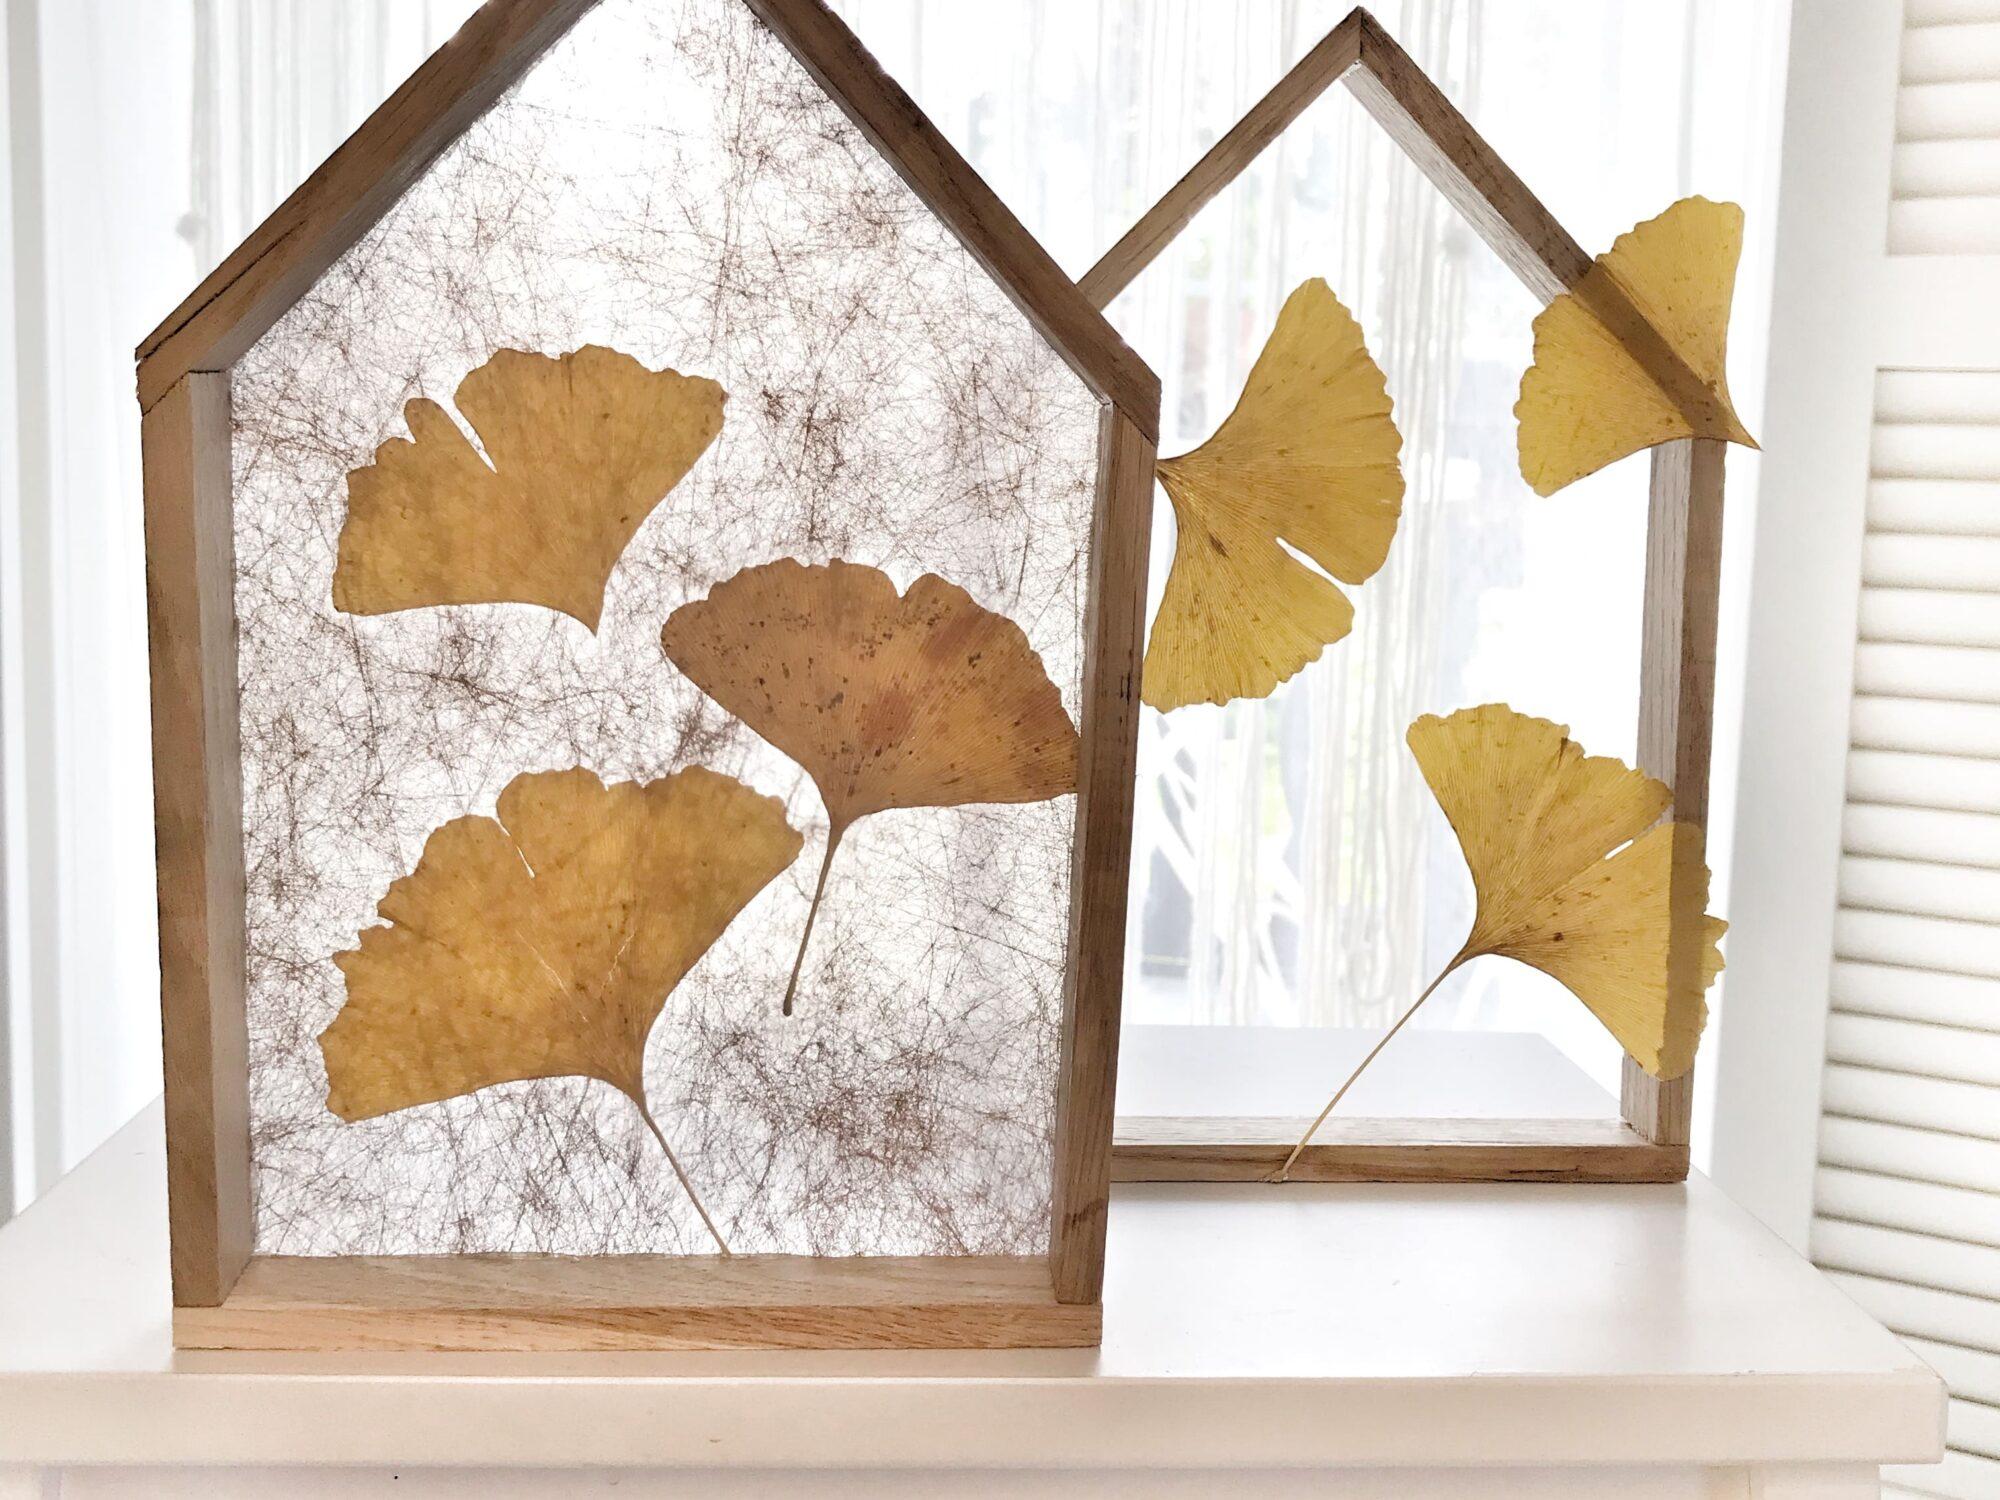 DIY Lichthaus aus Bastel Holz für die Herbstdeko. Deko Haus aus Klötzchen, die auch bekannt sind als: Anzündholz, Anmachholz, Anfeuerholz oder Stäbchenparkett. #chalet8 #lichthaus #klötzchen #bastelholz #anzündholz #dekohaus